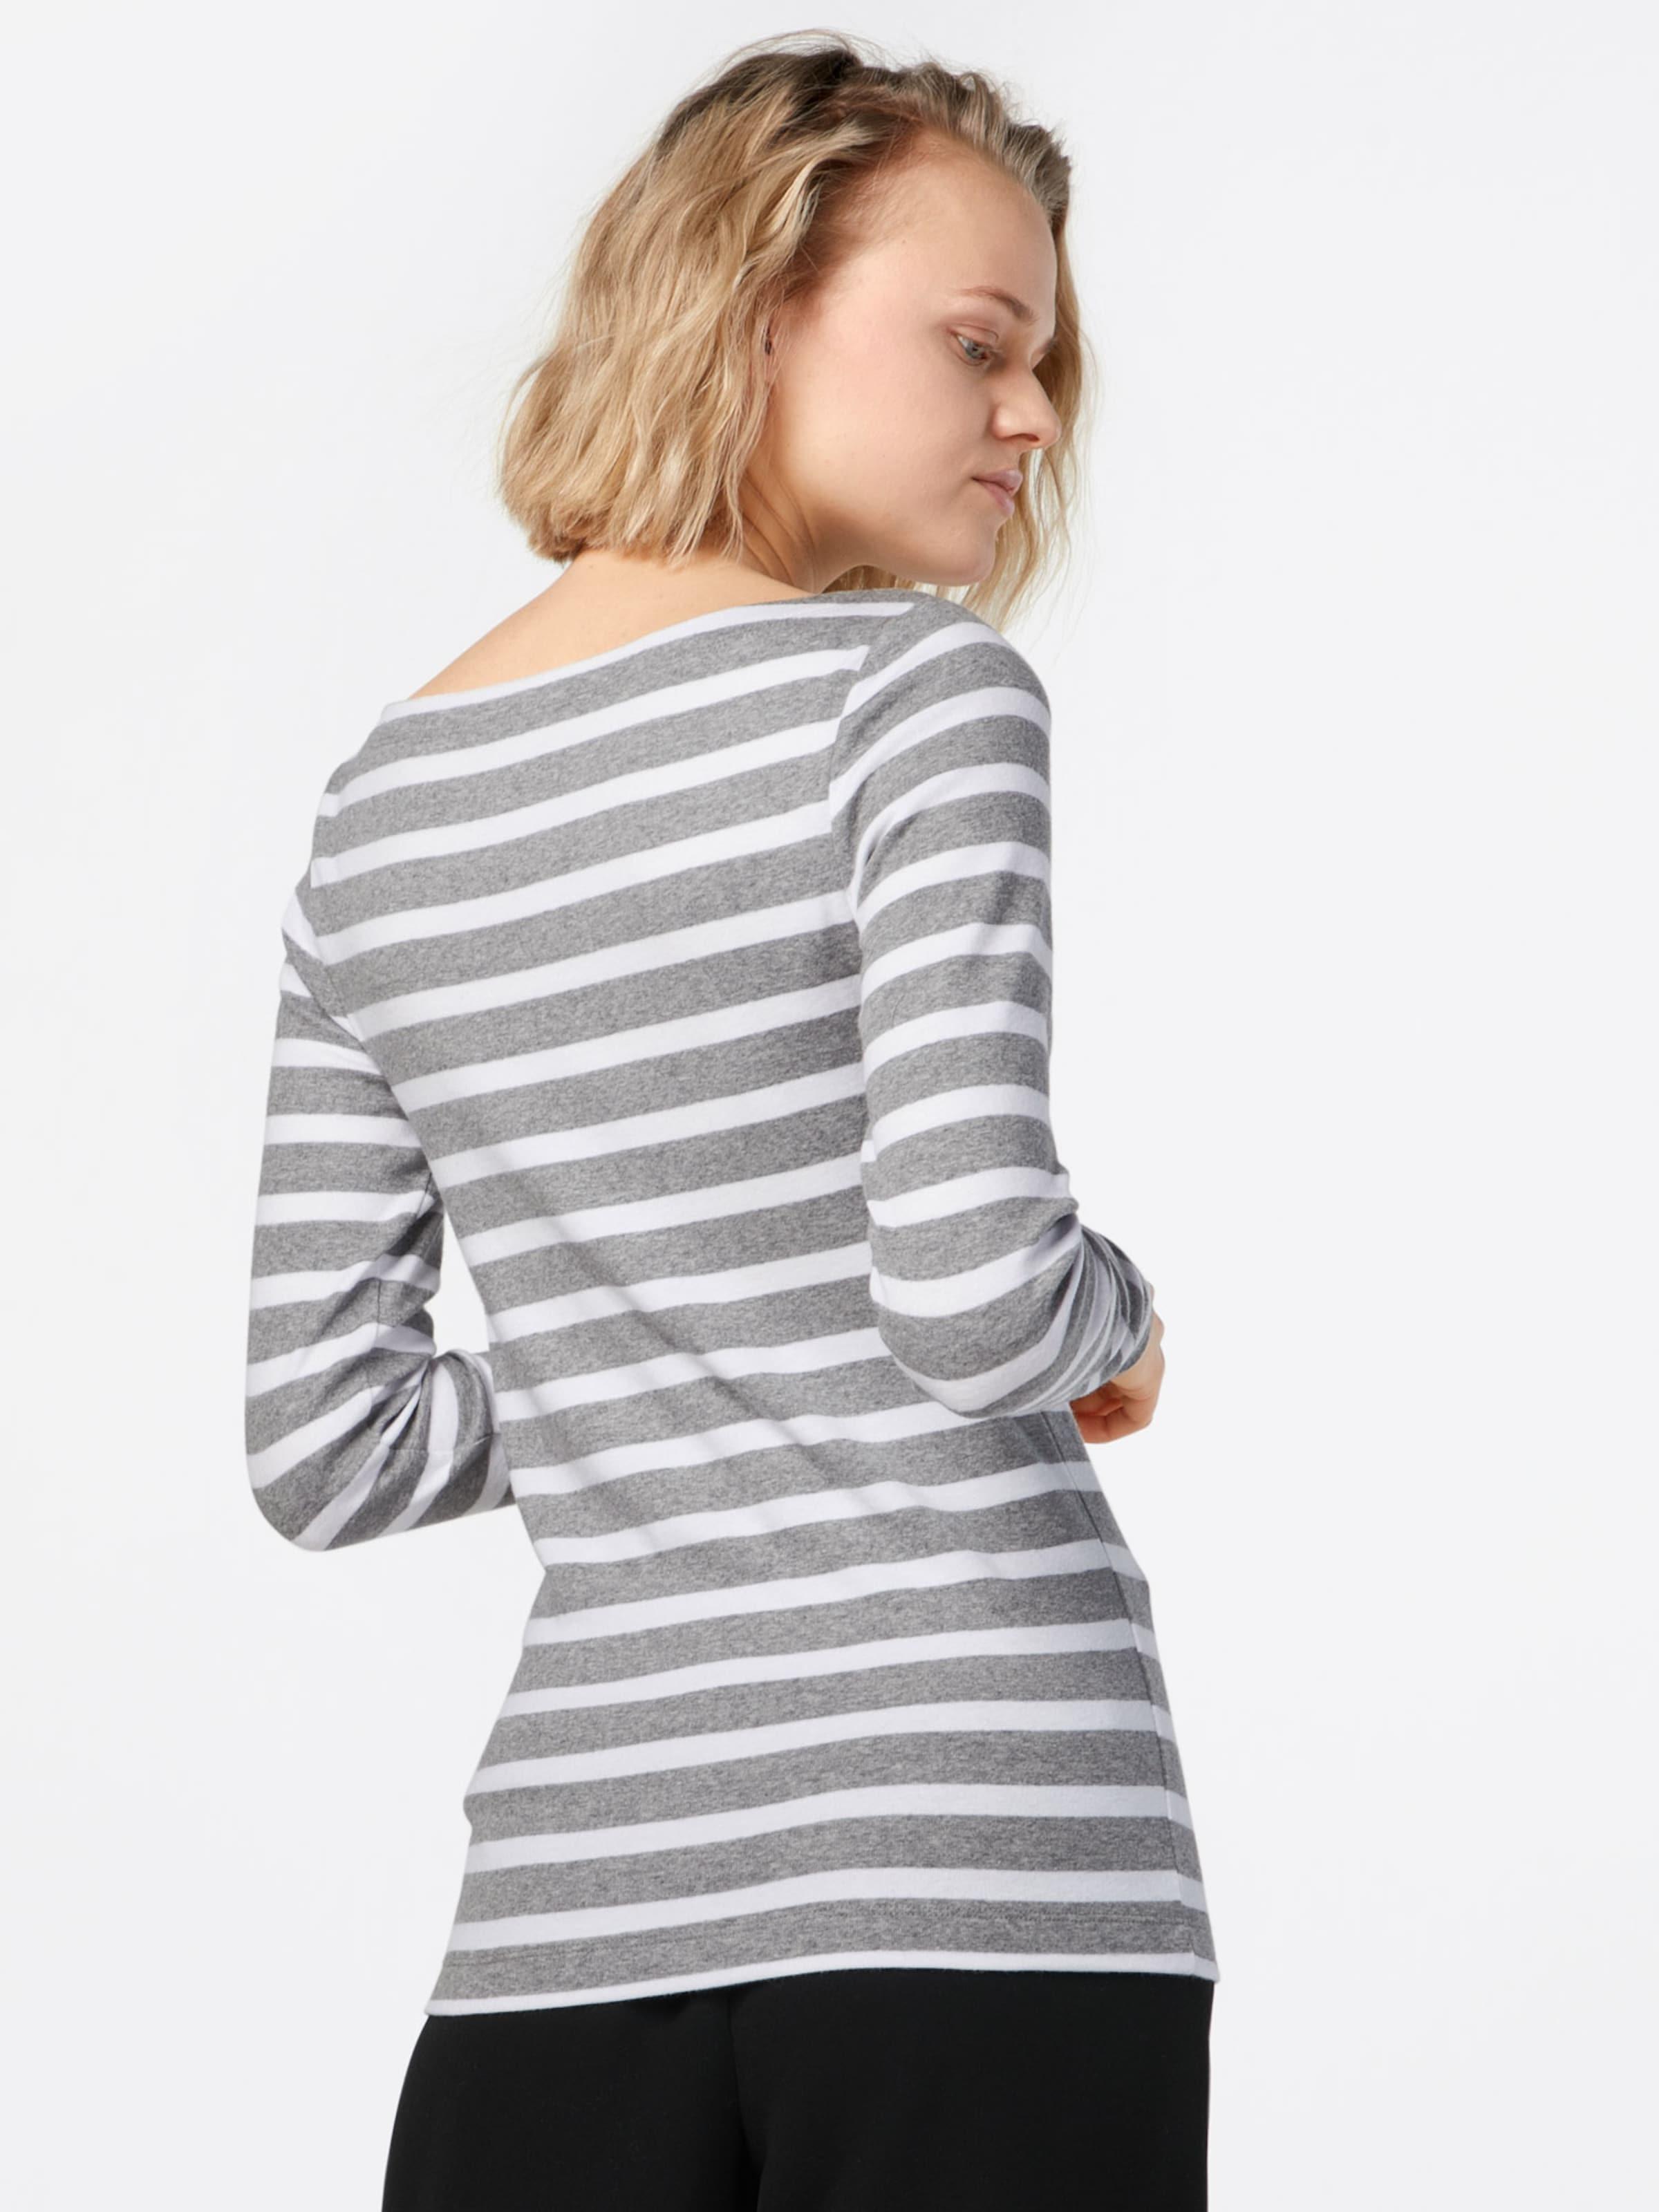 Freies Verschiffen Heißen Verkauf GAP Shirt 'MOD BOAT' Rabatt 2018 Neue Breite Palette Von Online-Verkauf Mehrfarbig 8k3g1